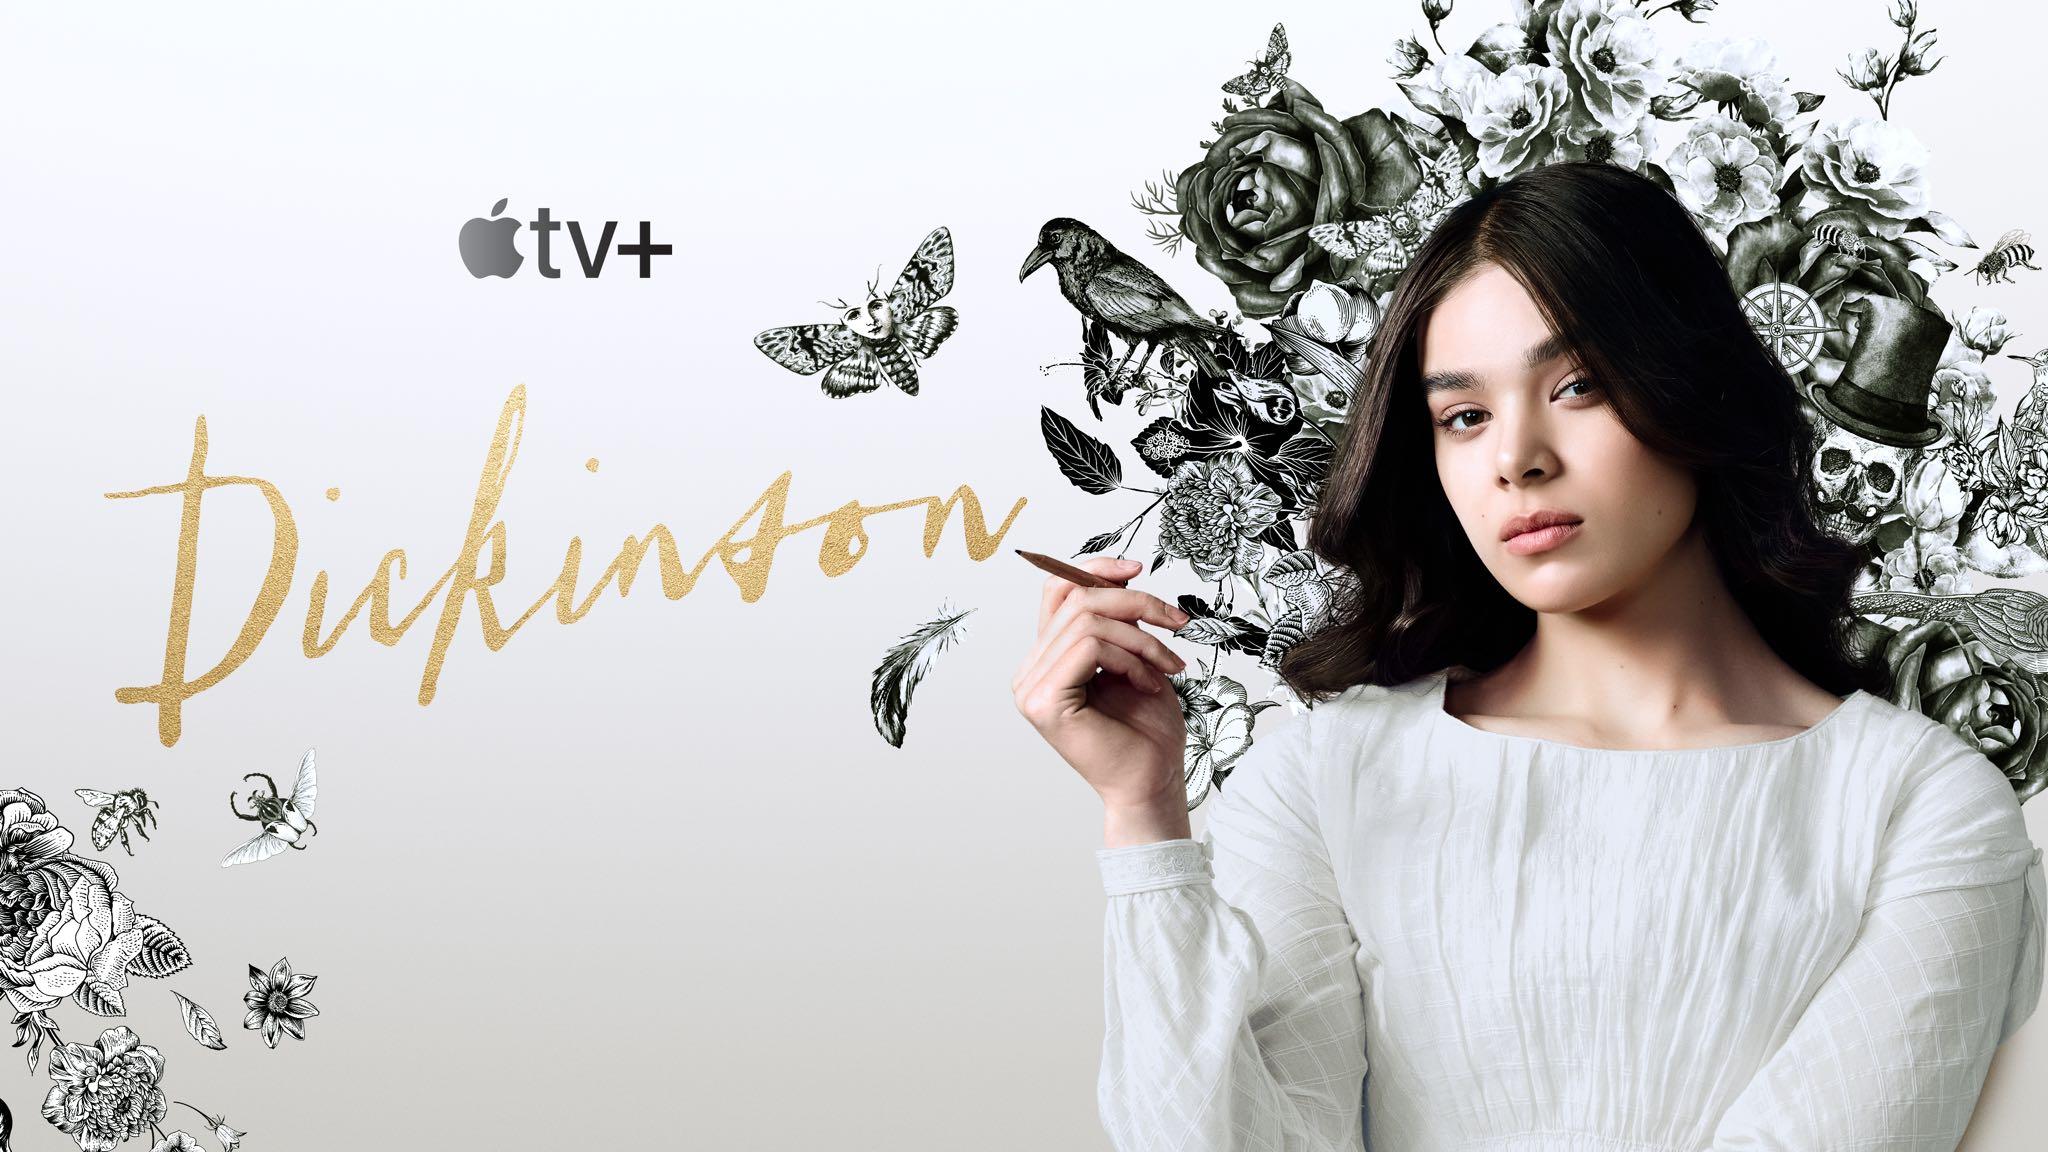 Dickinson promo image